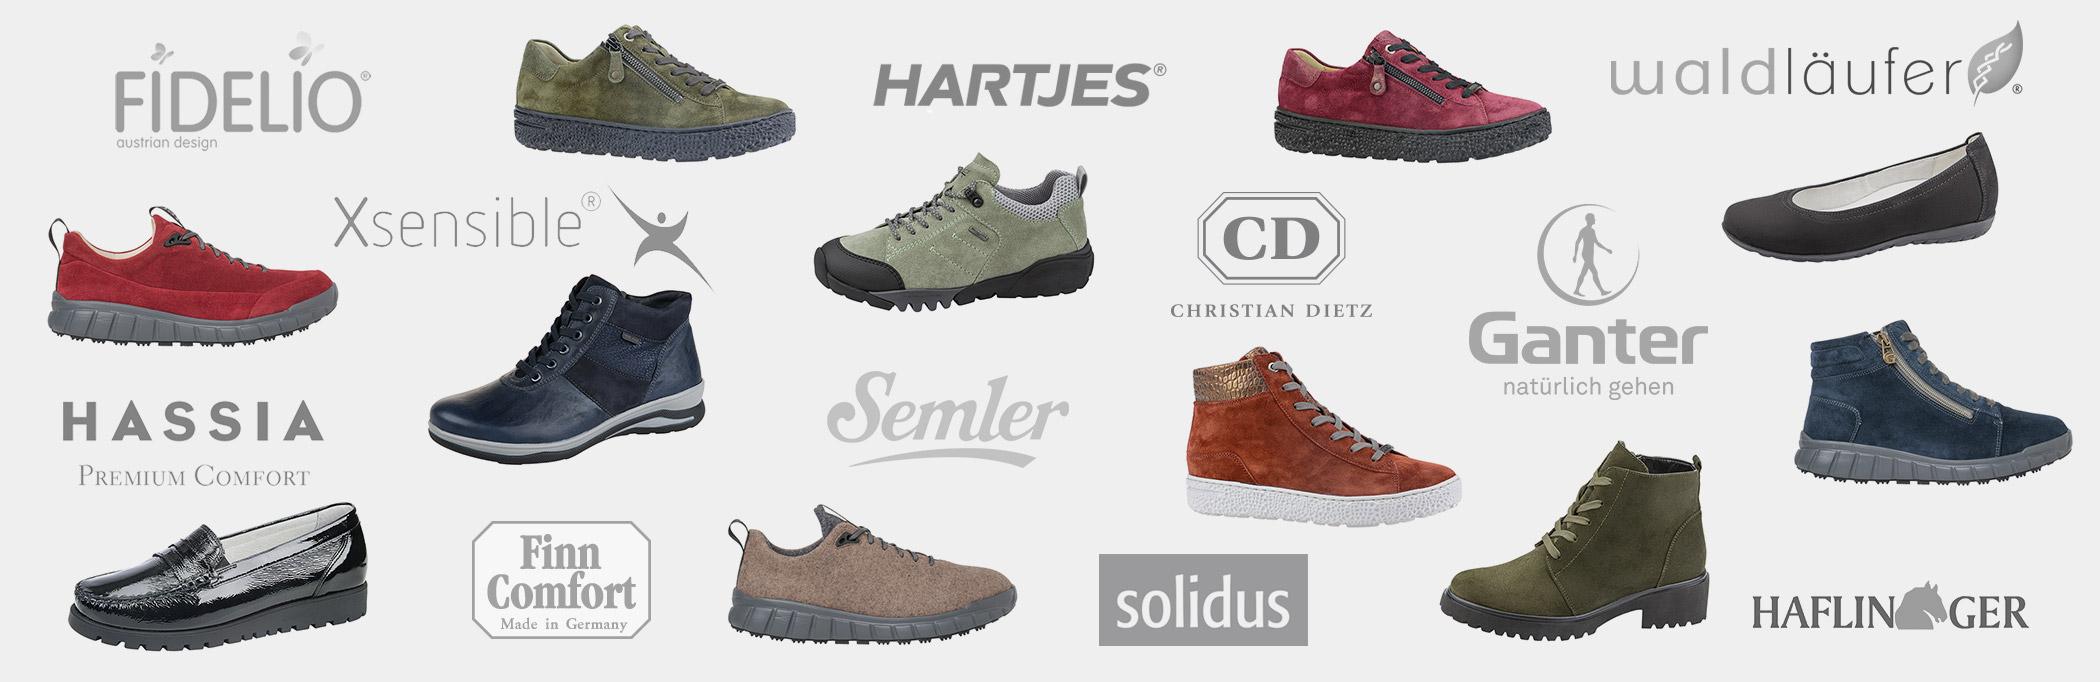 Christian Dietz Bequemer Slipper für empfindliche Füße